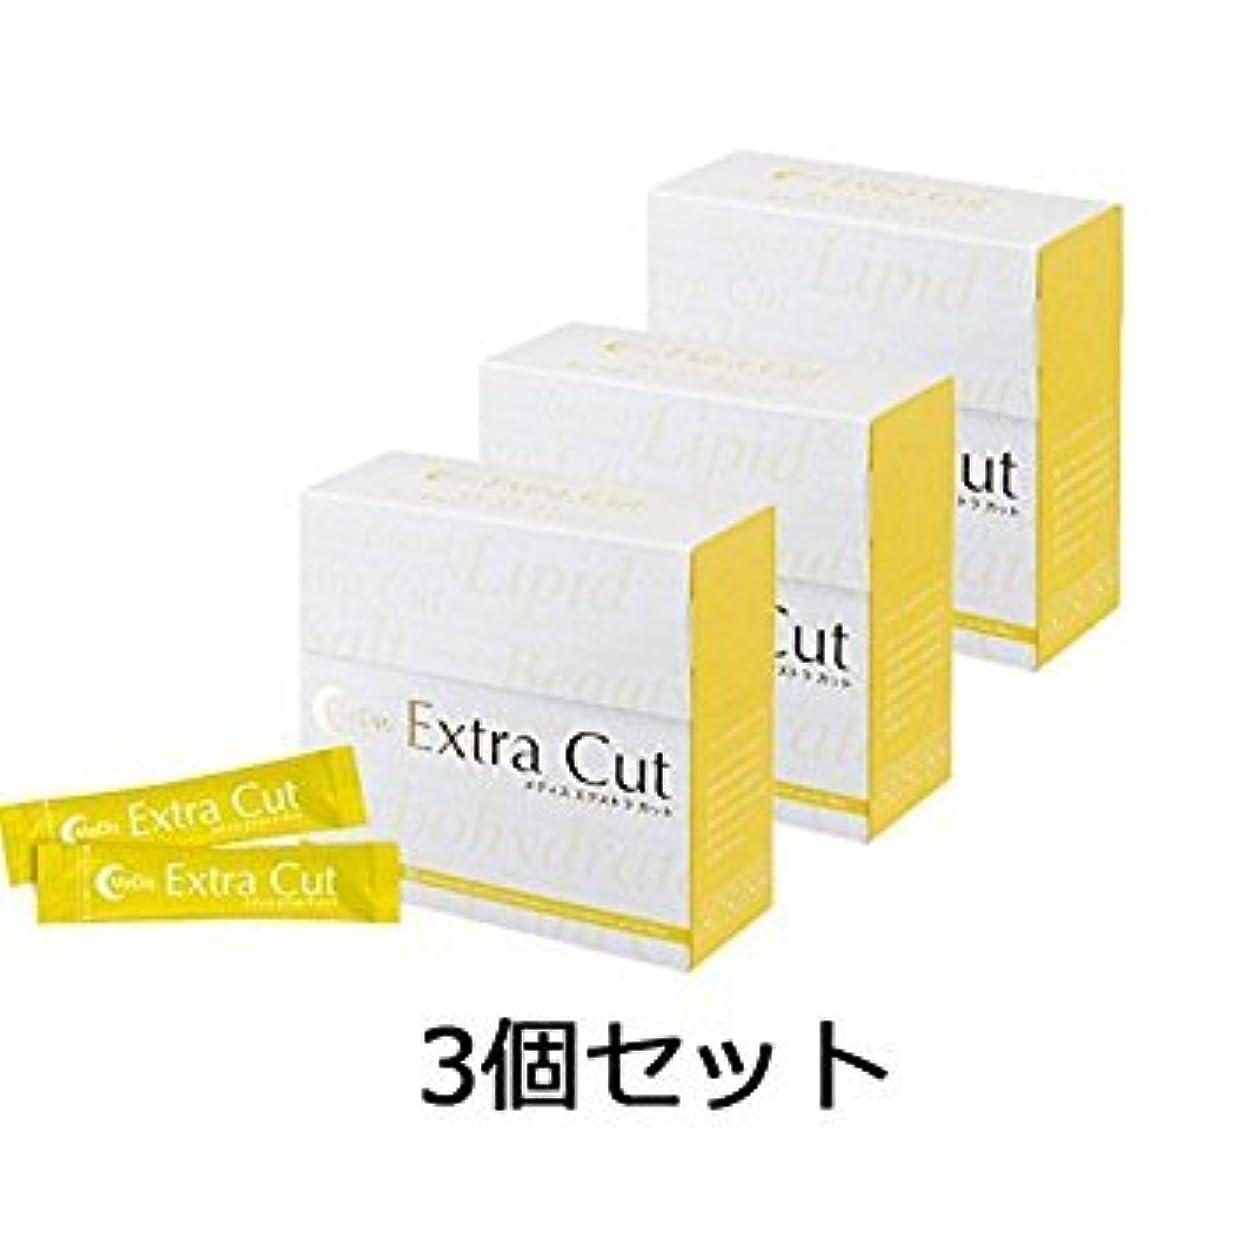 ナイトスポット円周保守的メディス エクストラカット 90g (3g×30包) × 3個セット